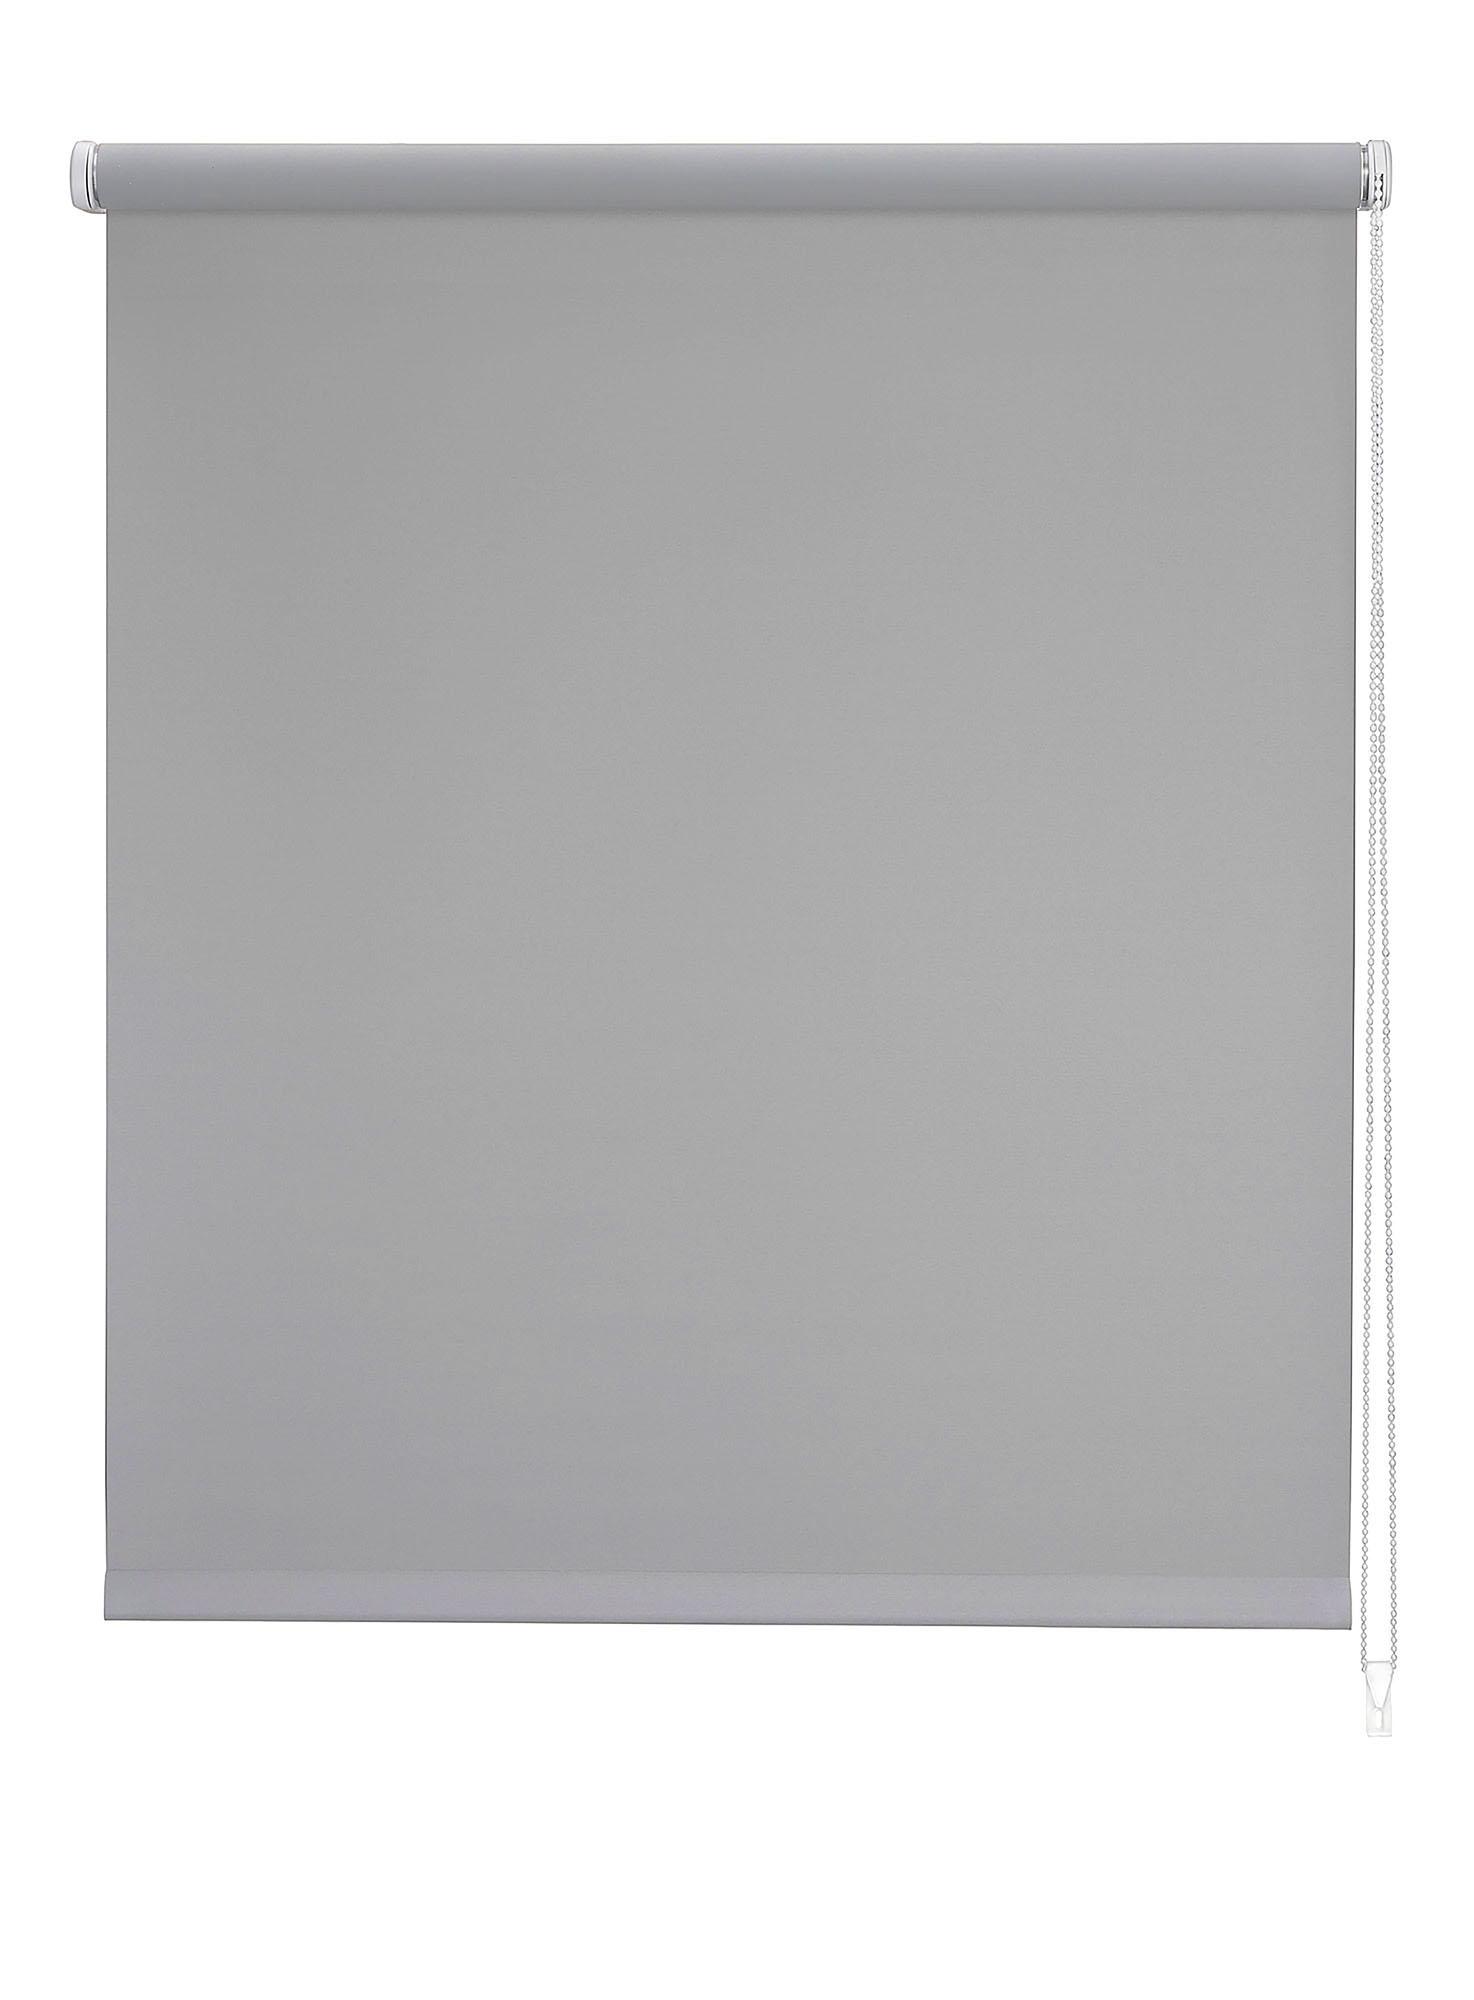 Store enrouleur Translucide - Gris - 160 x 250 cm